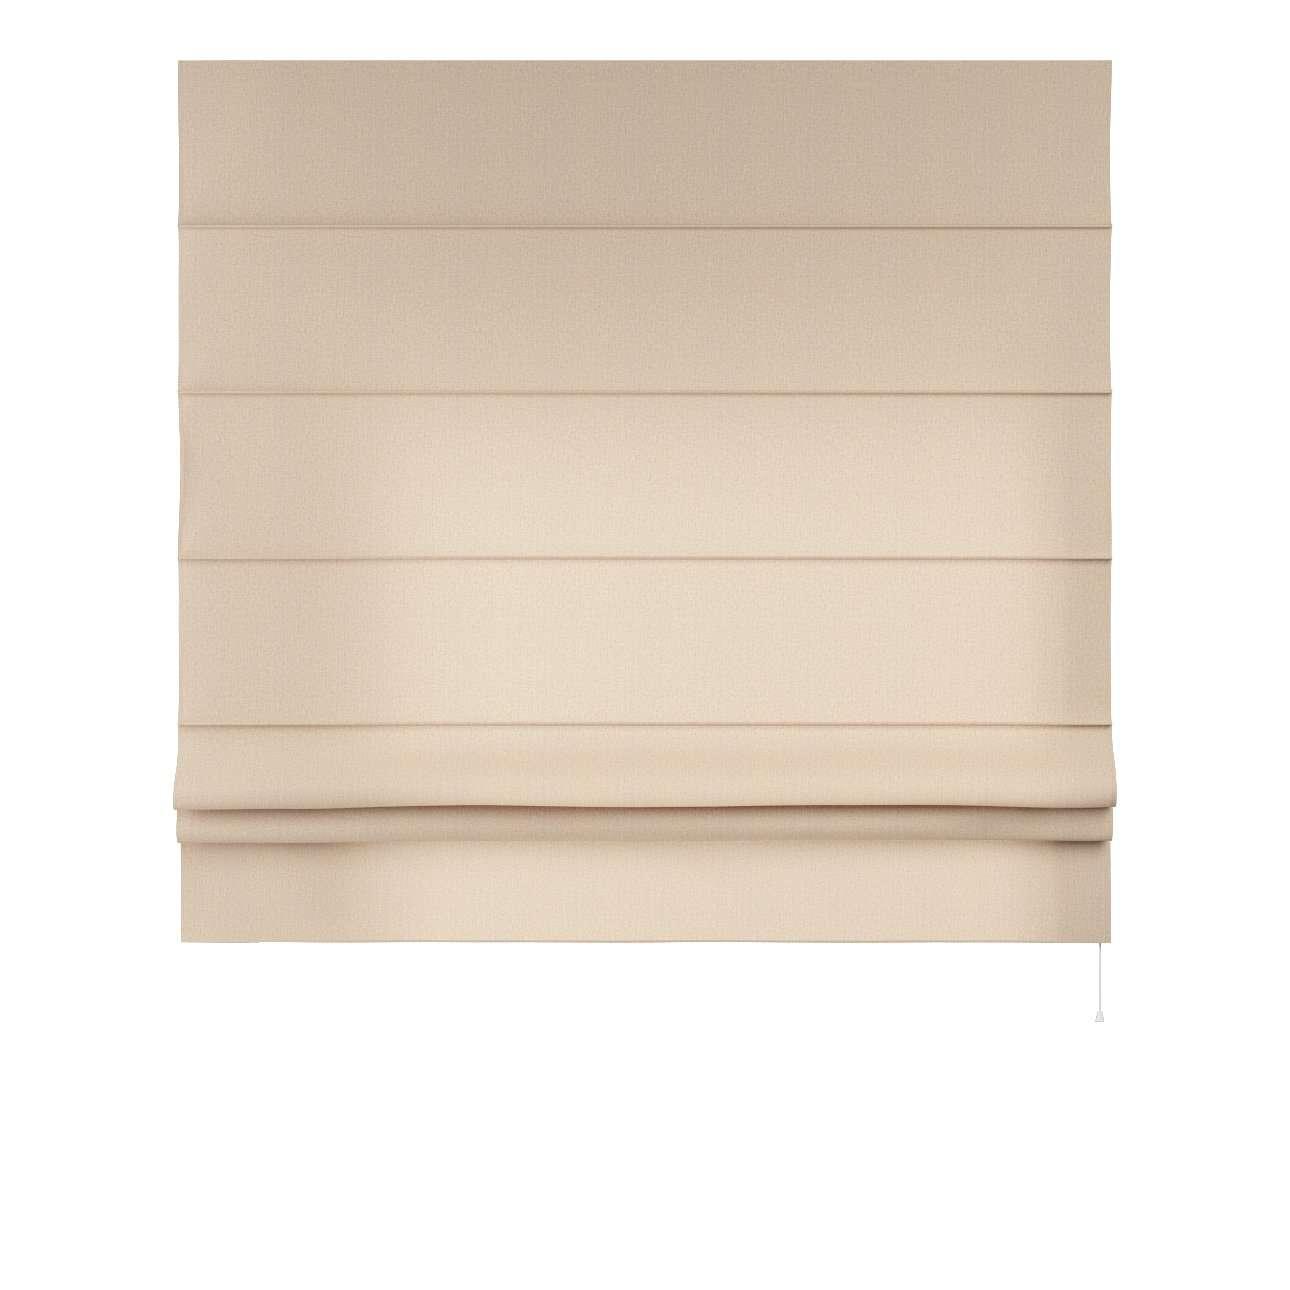 Liftgardin Paris<br/>Med rett volang 80 x 170 cm fra kolleksjonen Edinburgh, Stoffets bredde: 115-78